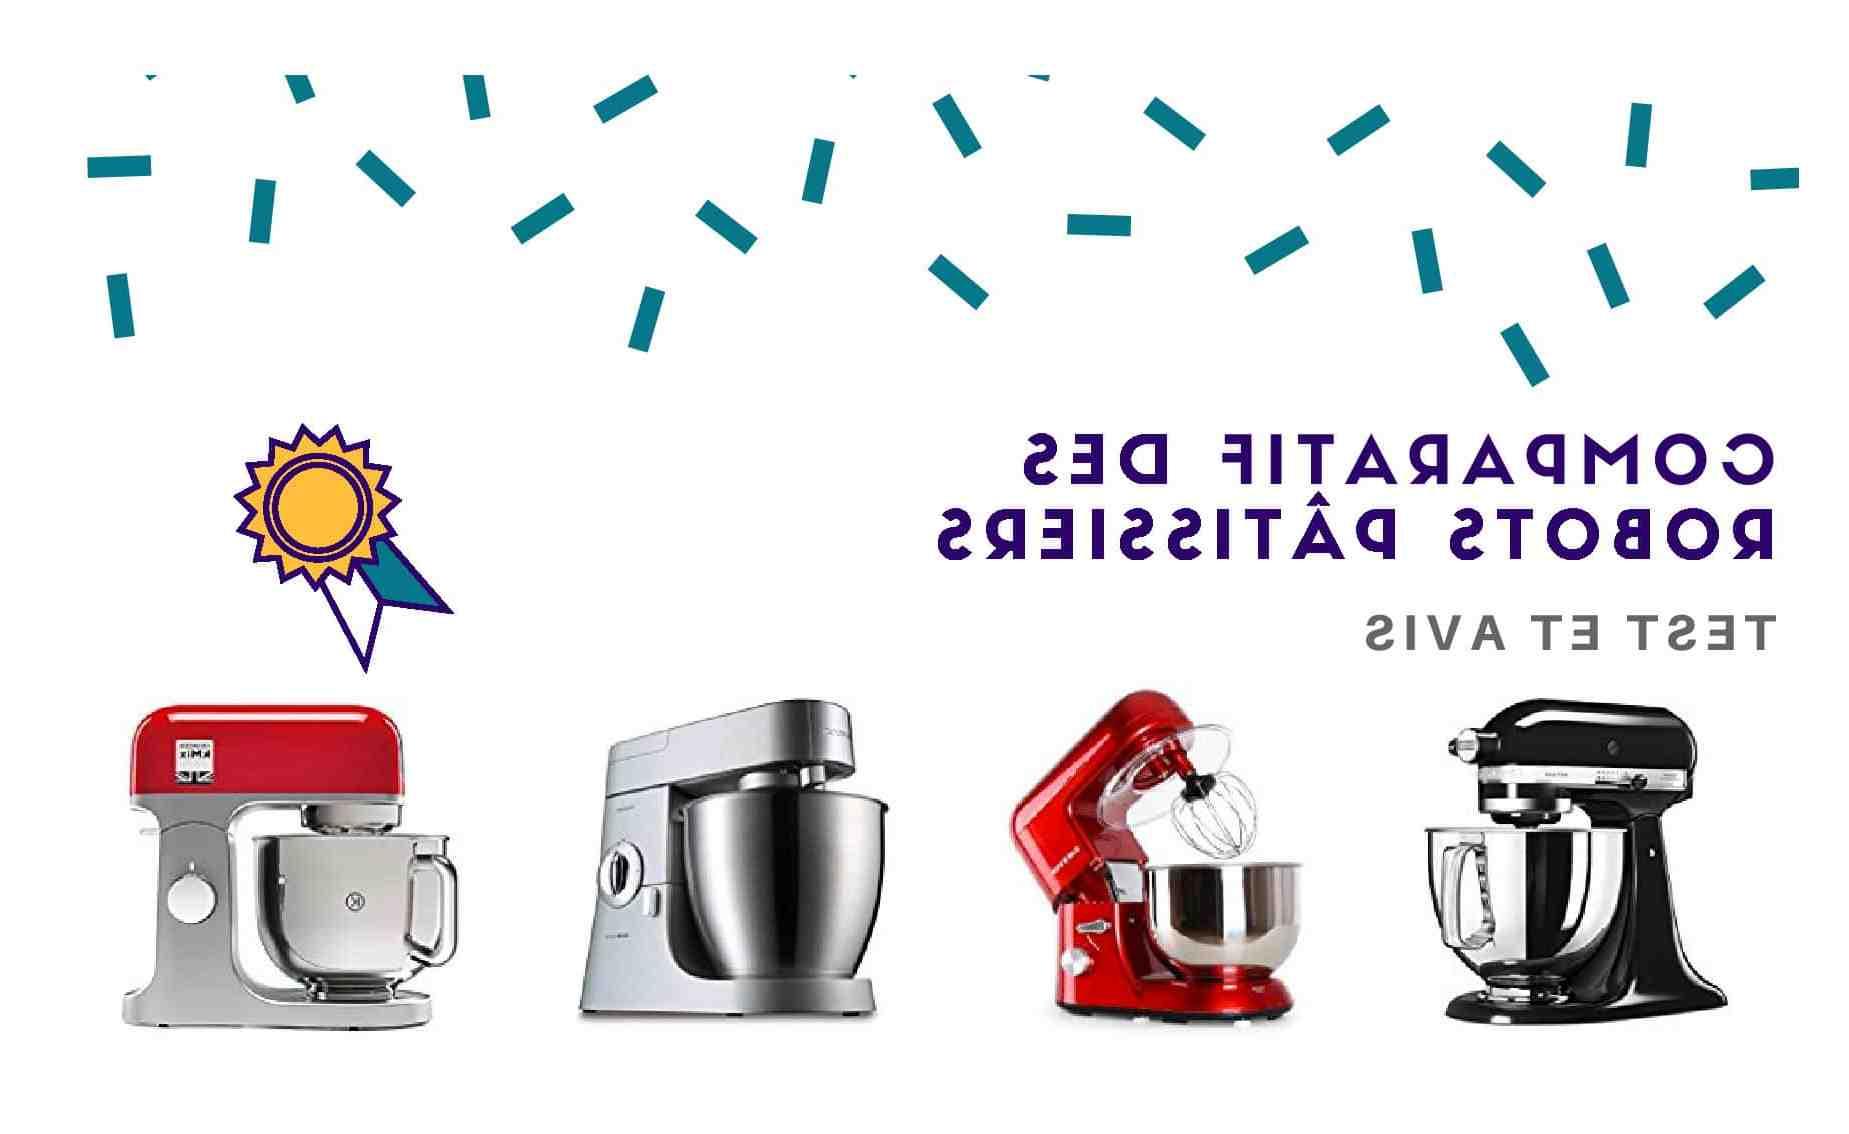 Quel est le meilleur robot pâtissier sur le marché ?